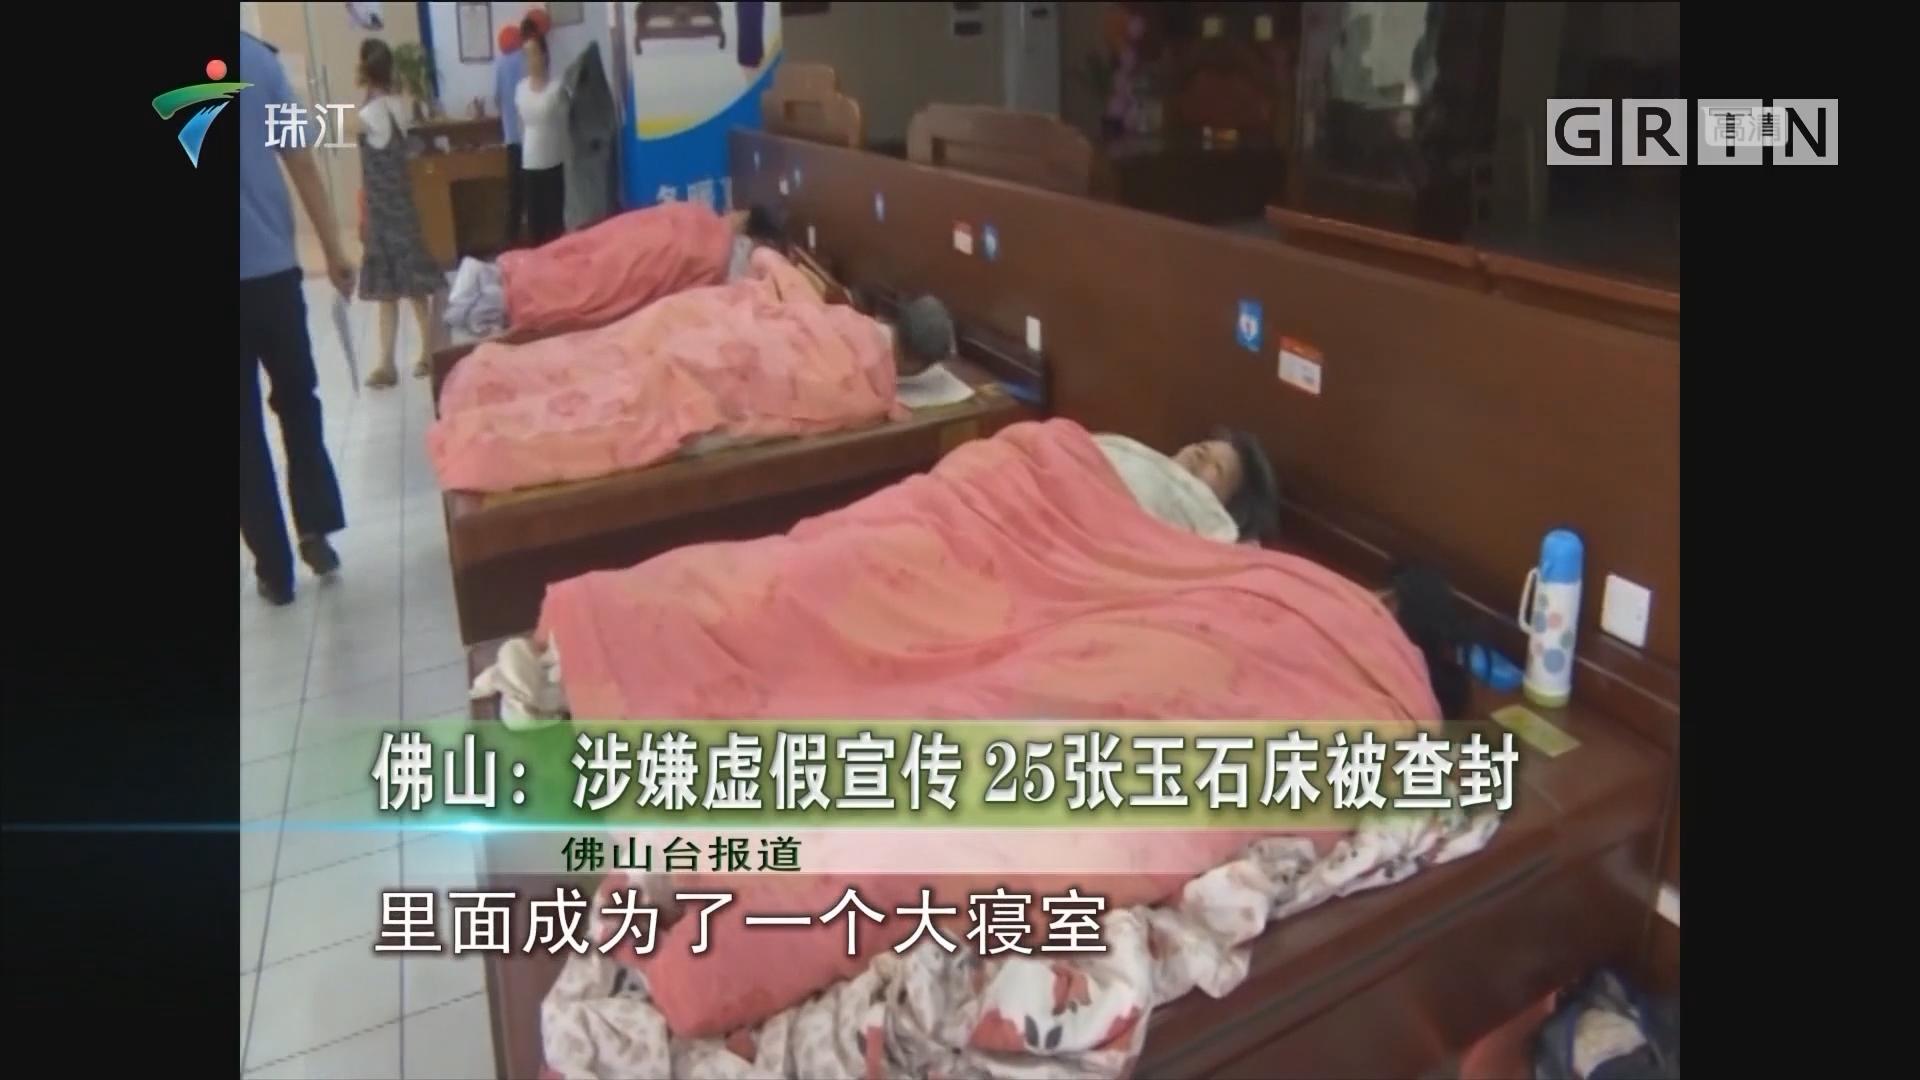 佛山:涉嫌虚假宣传 25张玉石床被查封